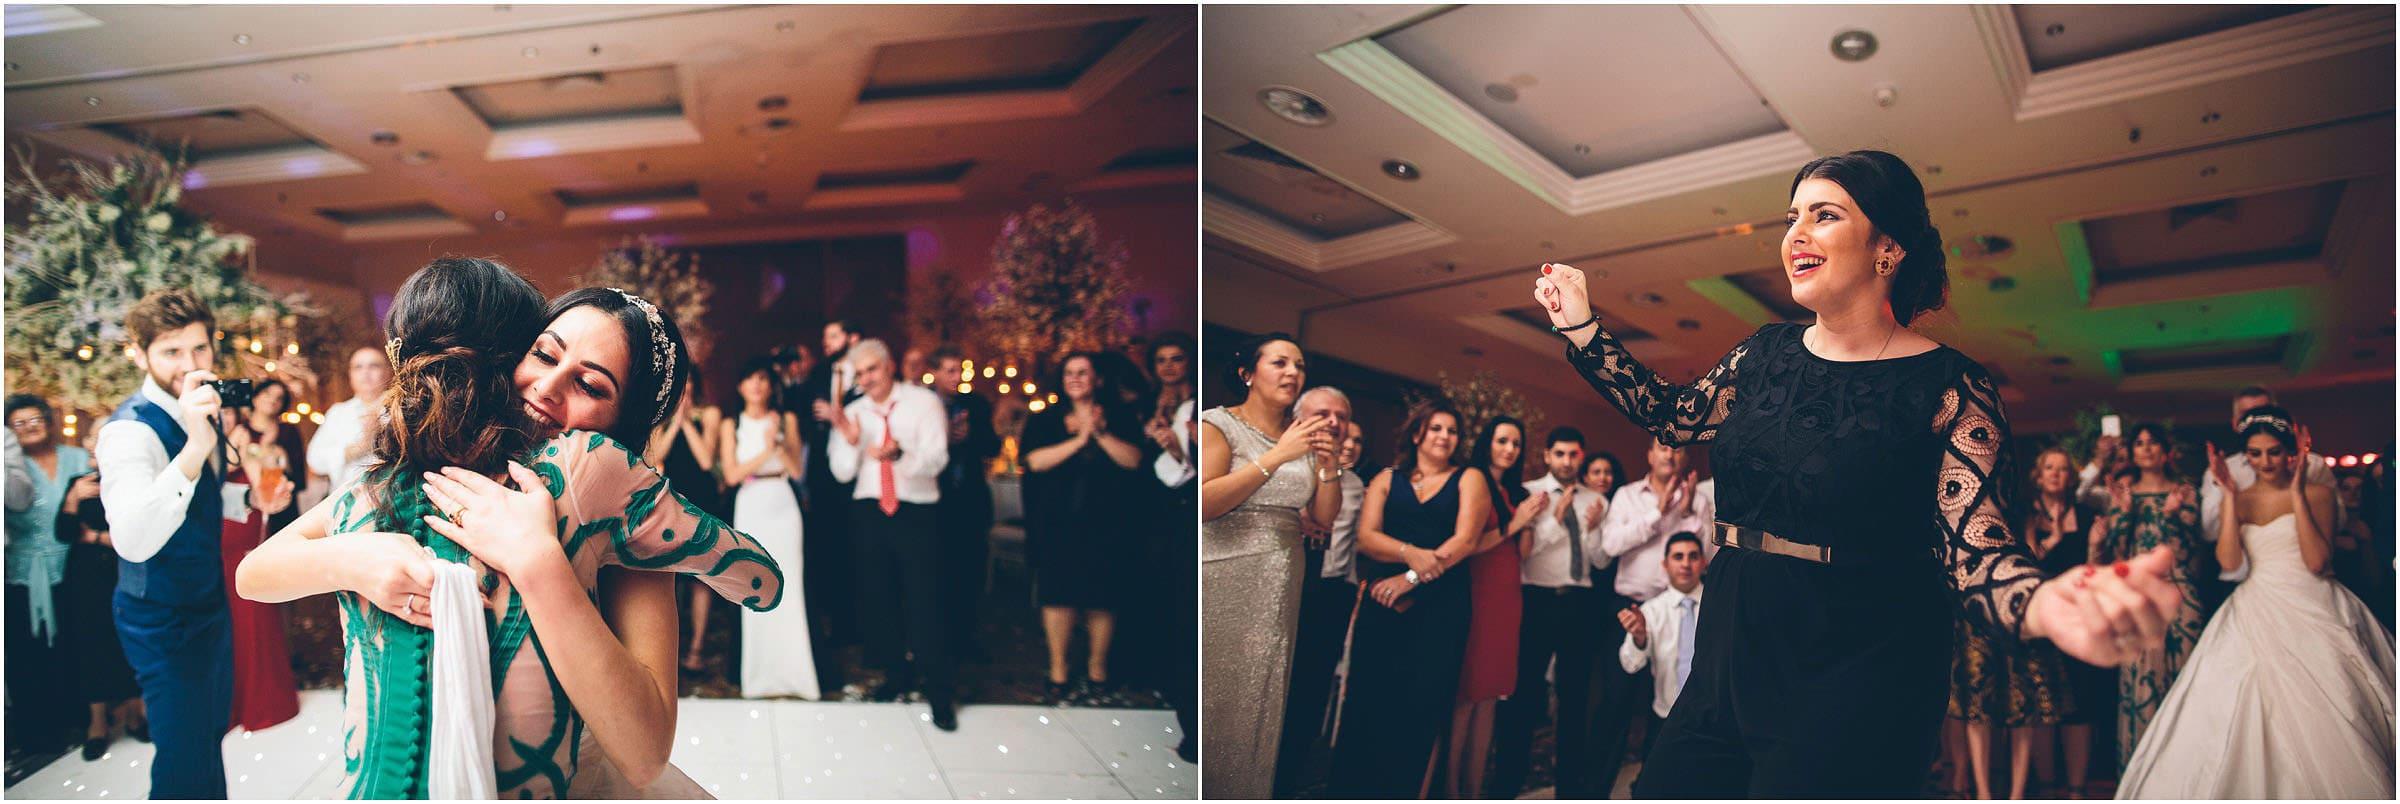 Crewe_Hall_Wedding_Photography_0150